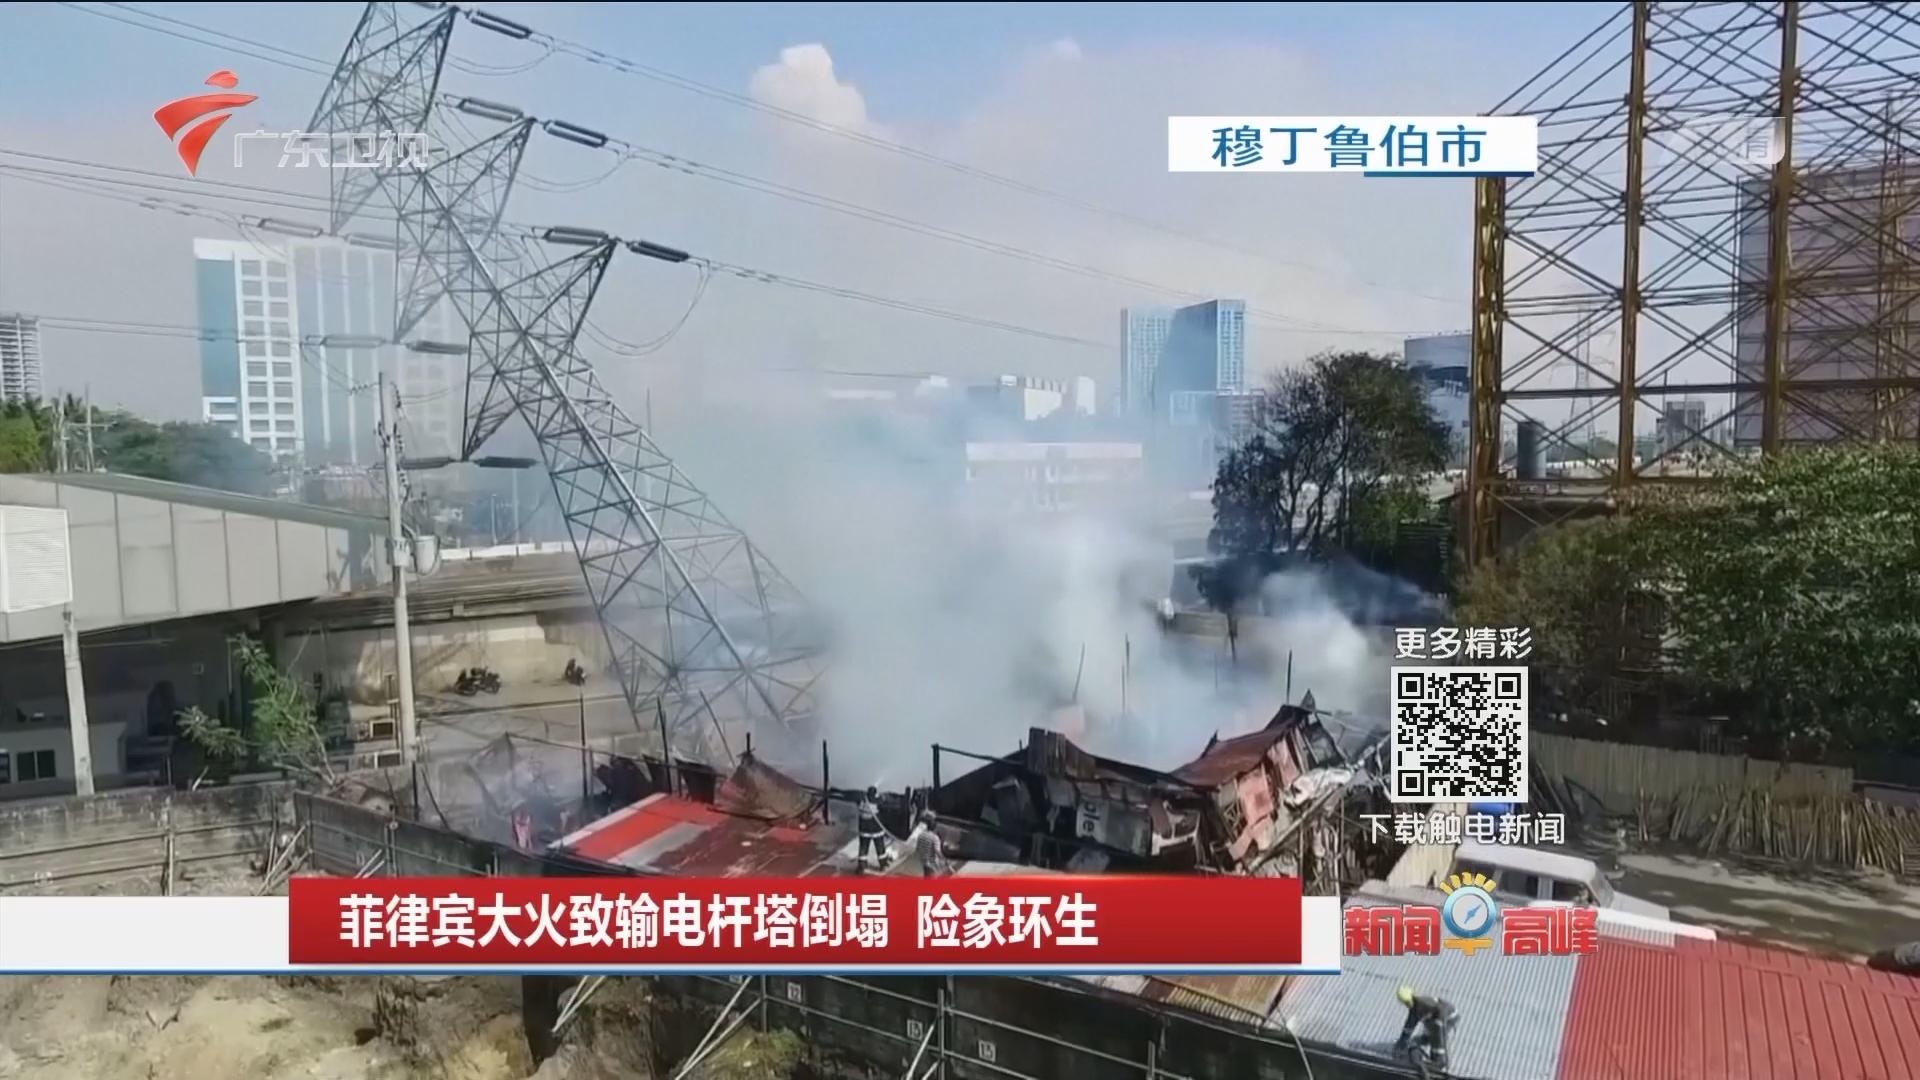 菲律宾大火致输电杆塔倒塌